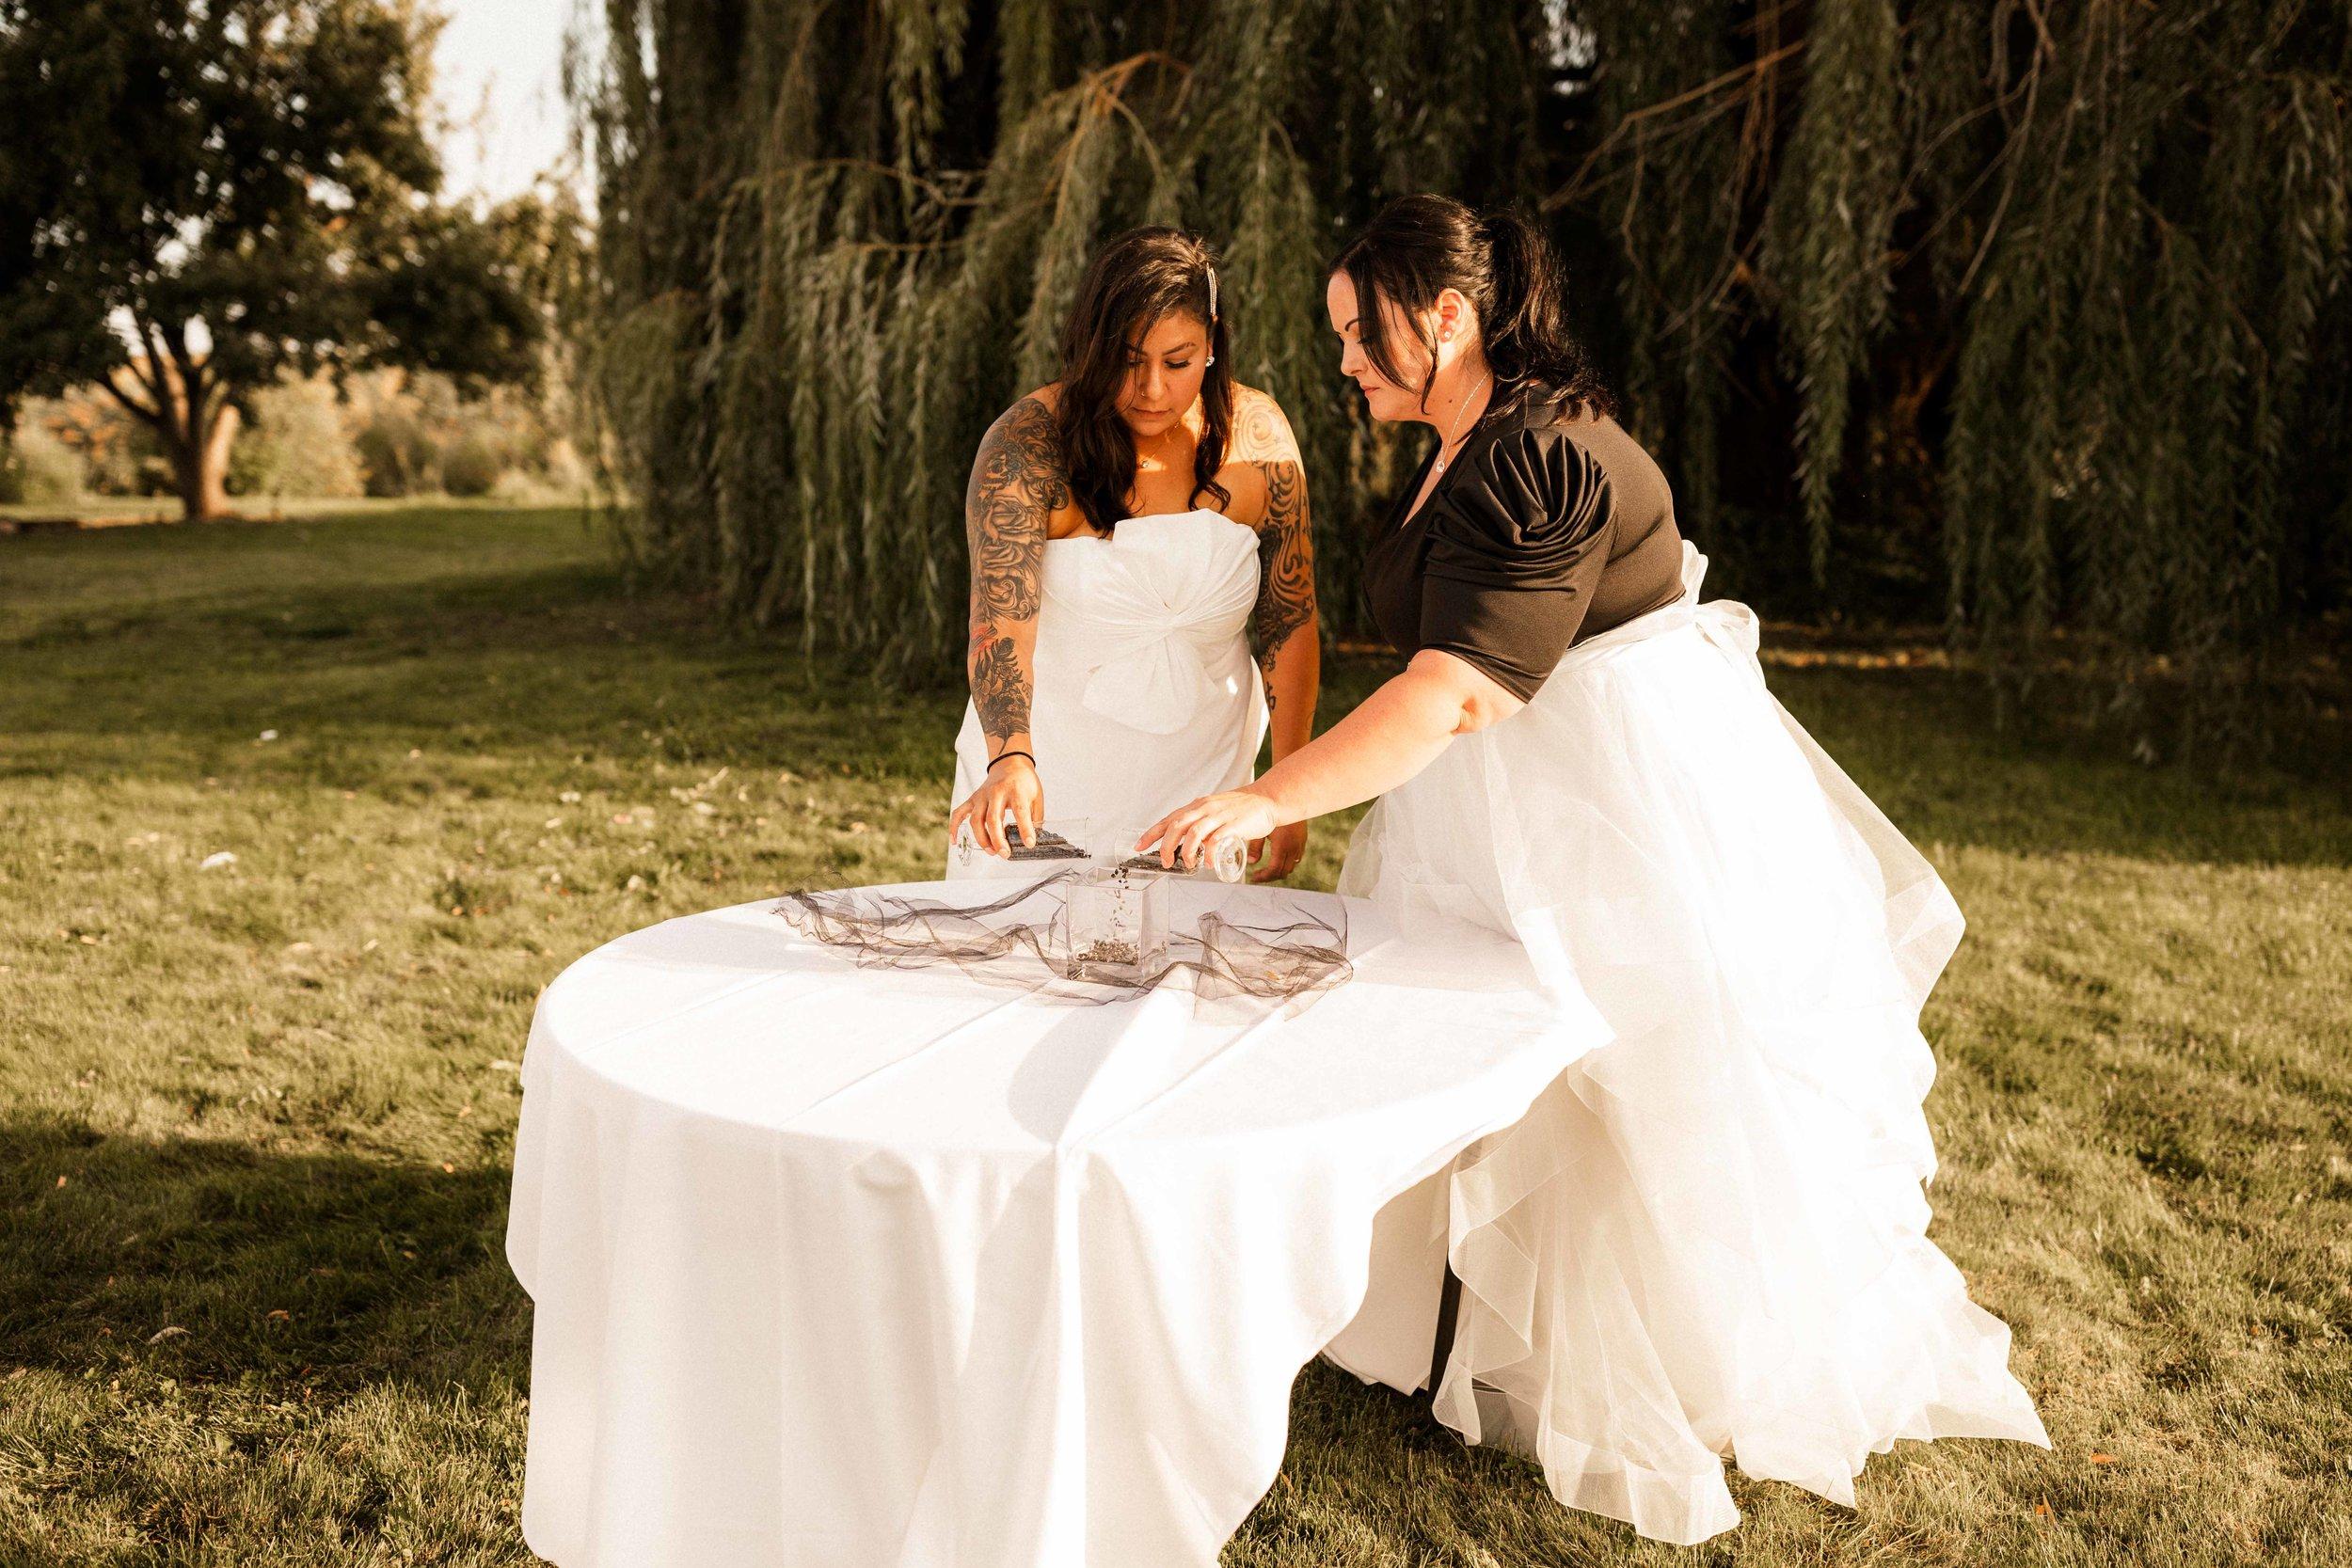 pasco-wedding-photos-15.jpg